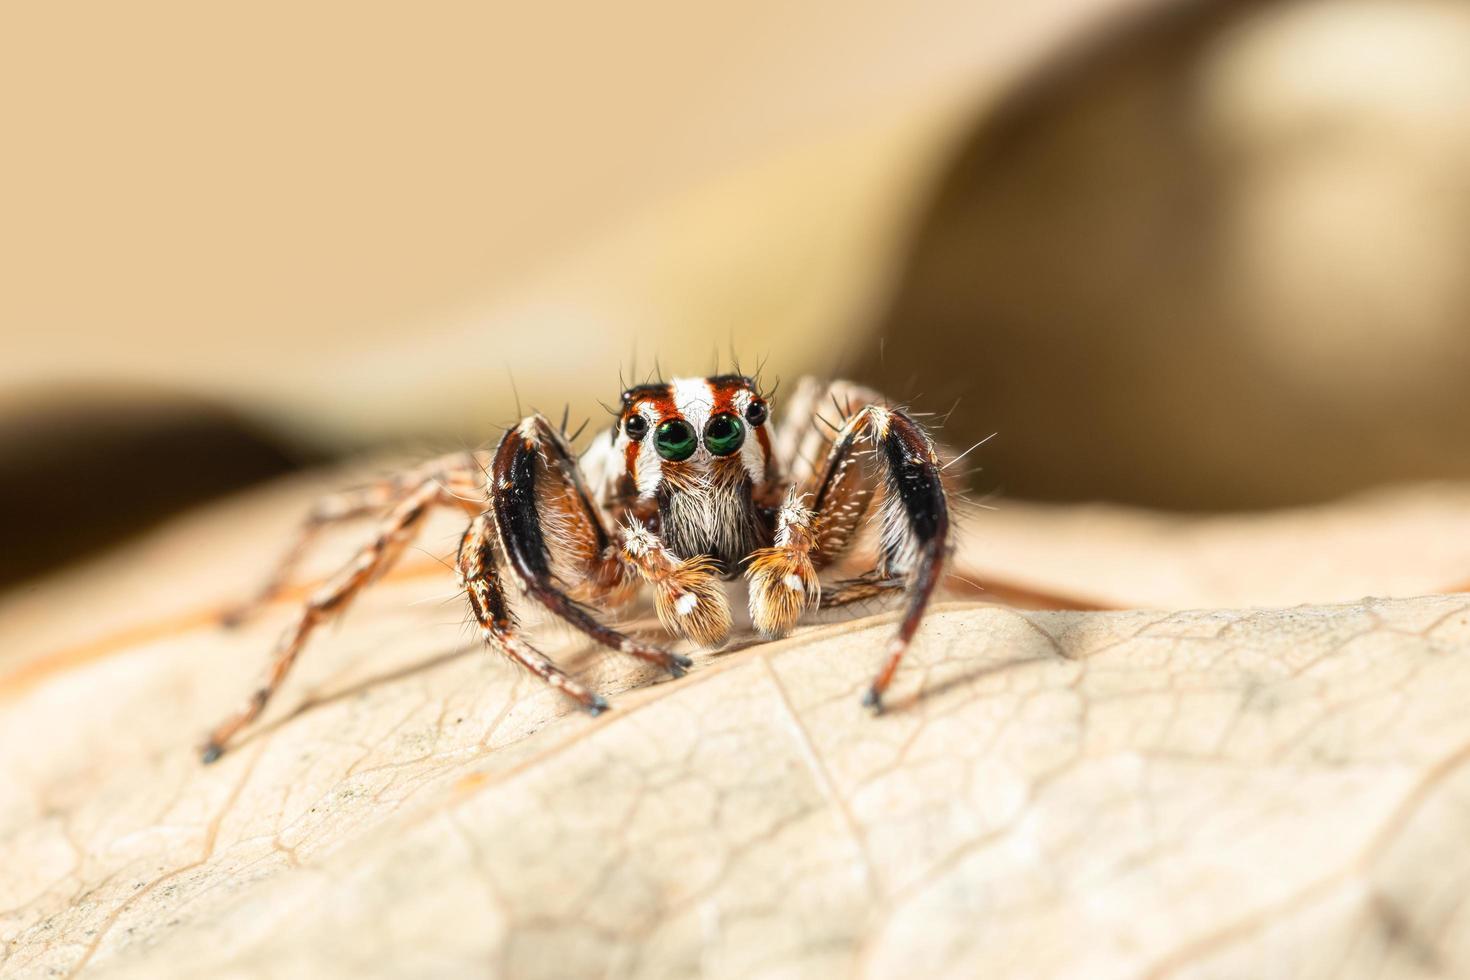 Makro braune springende Spinne foto